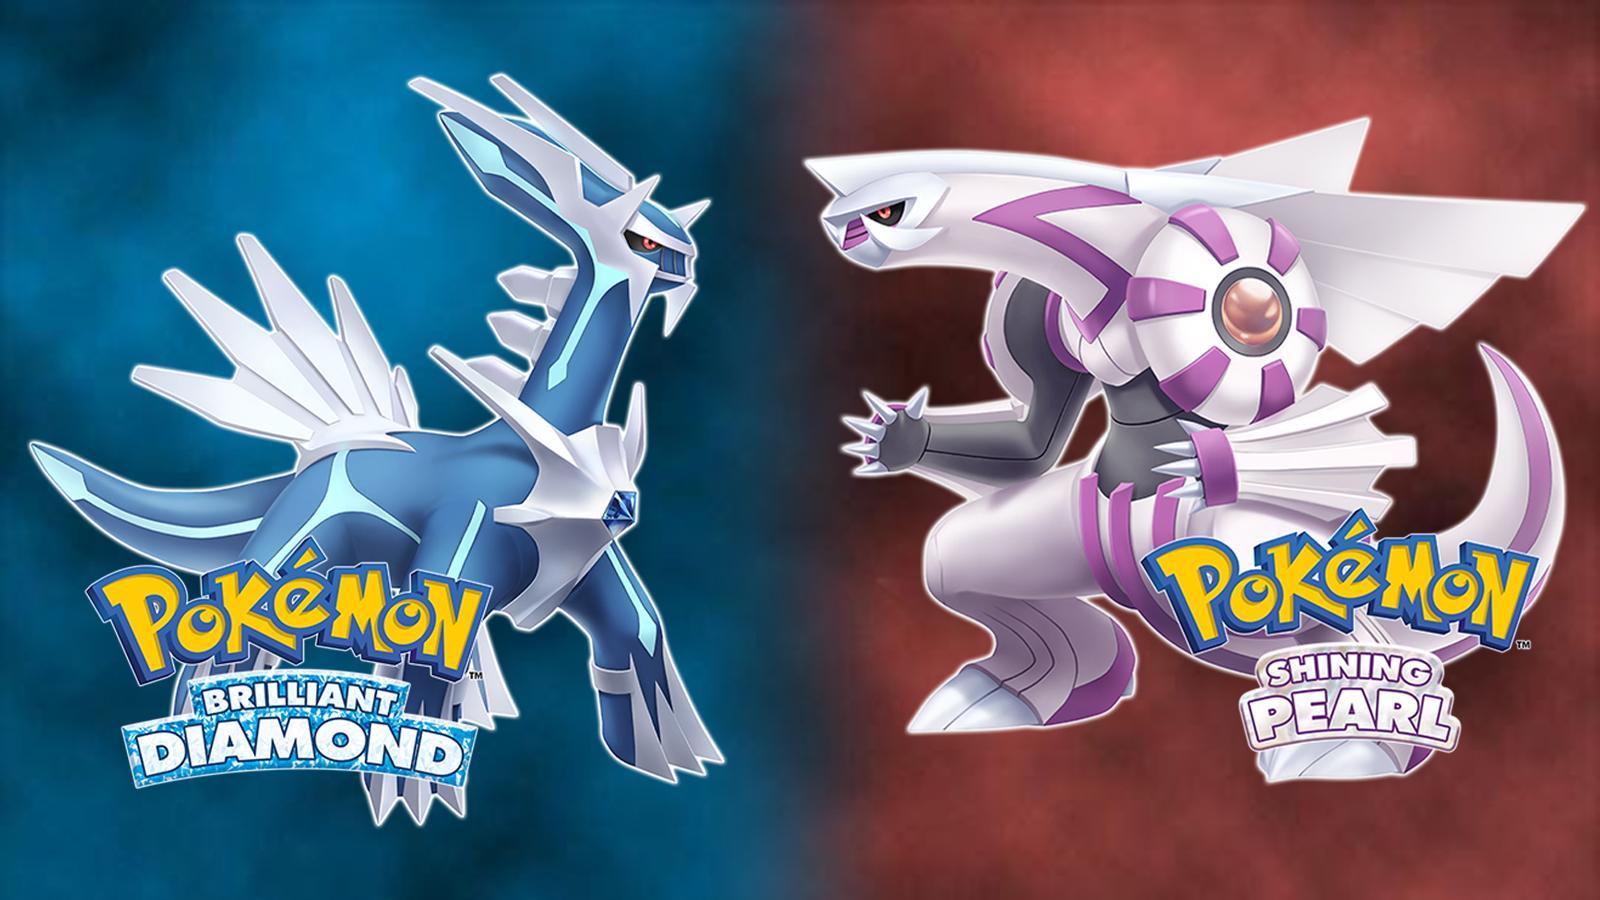 Pokemon-Brilliant-Diamond-Shining-Pearl-release-dates